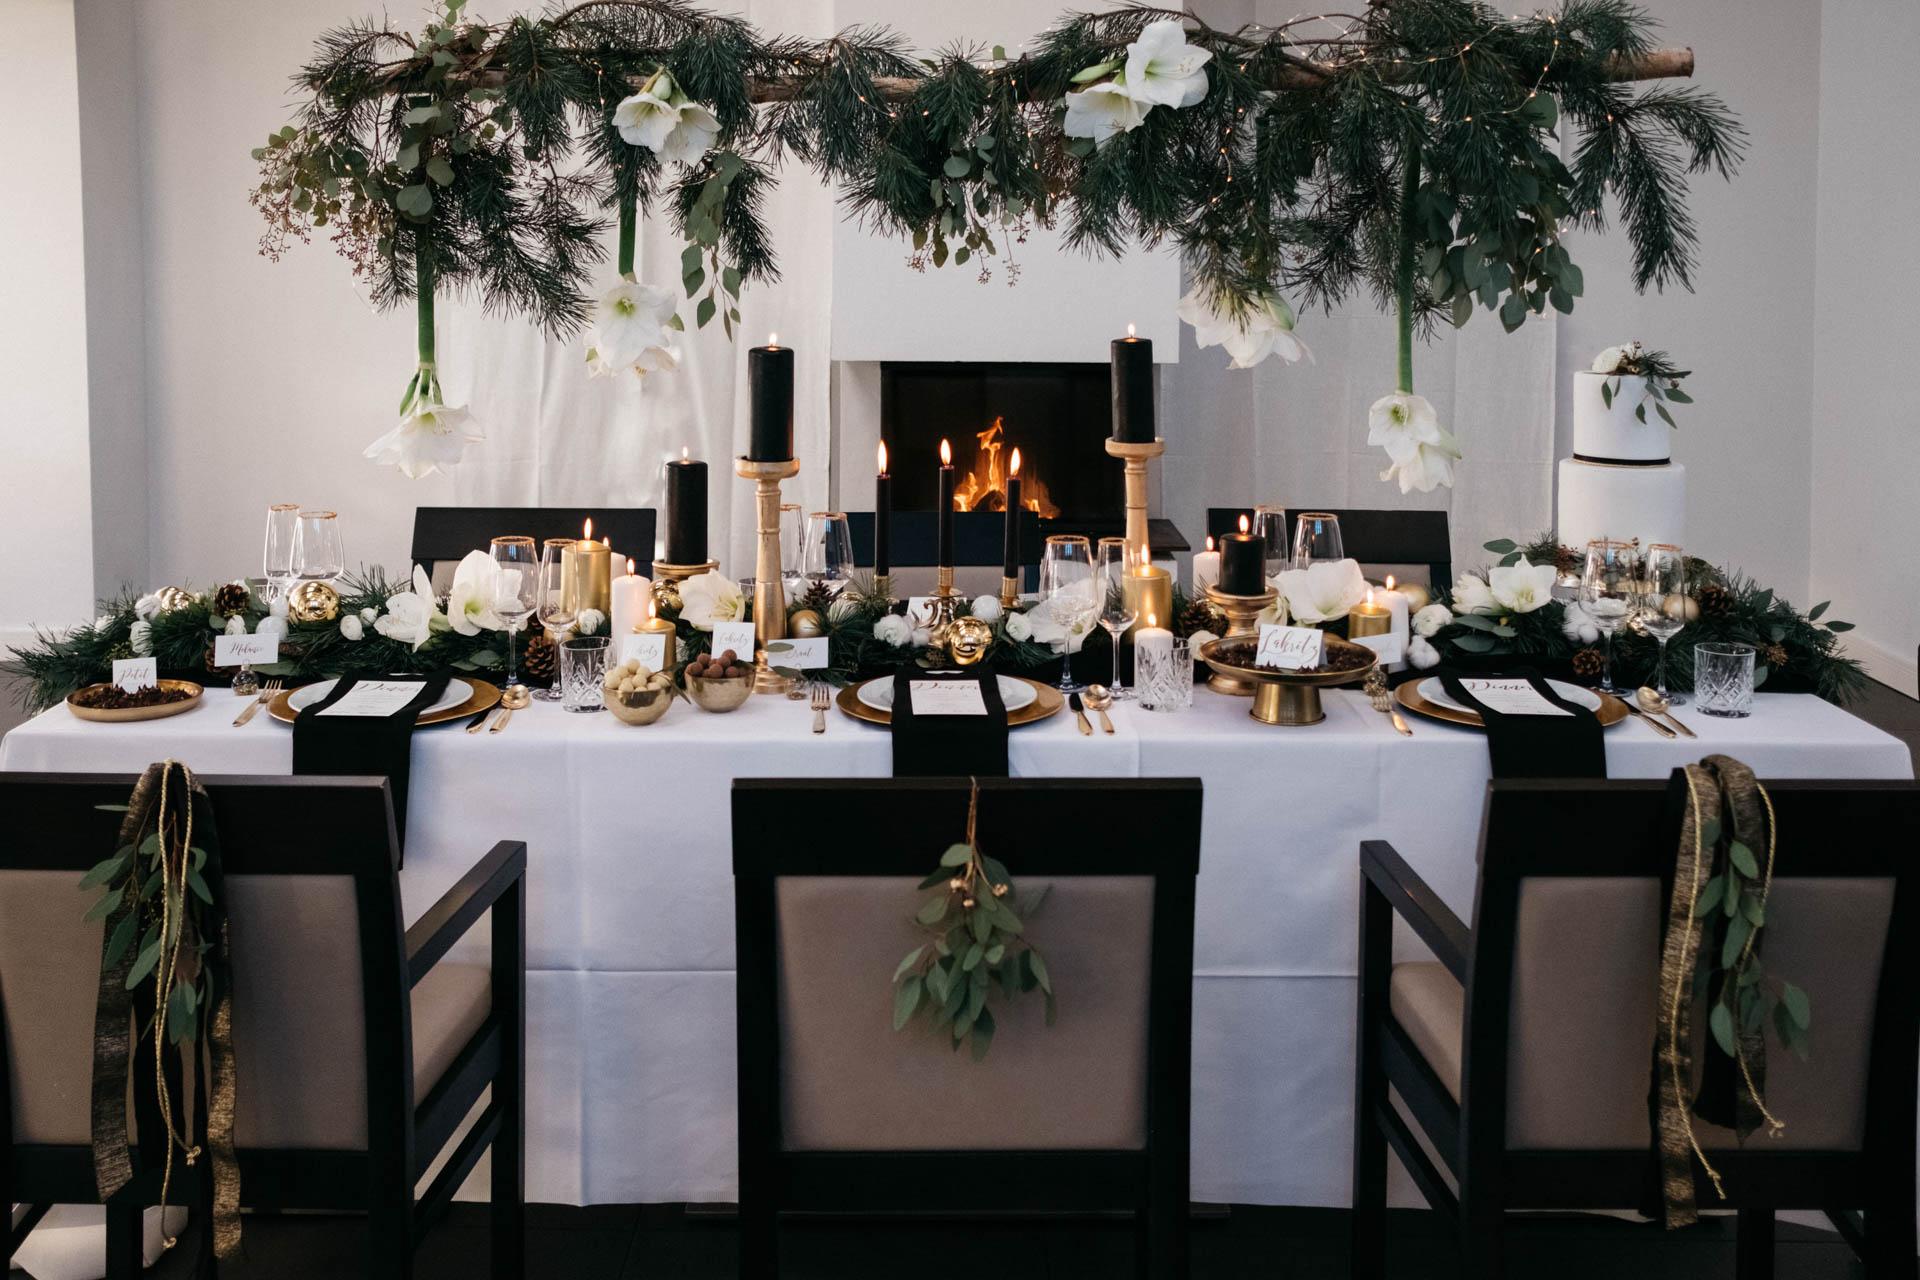 Der gedeckte Tisch zur Winterhochzeit